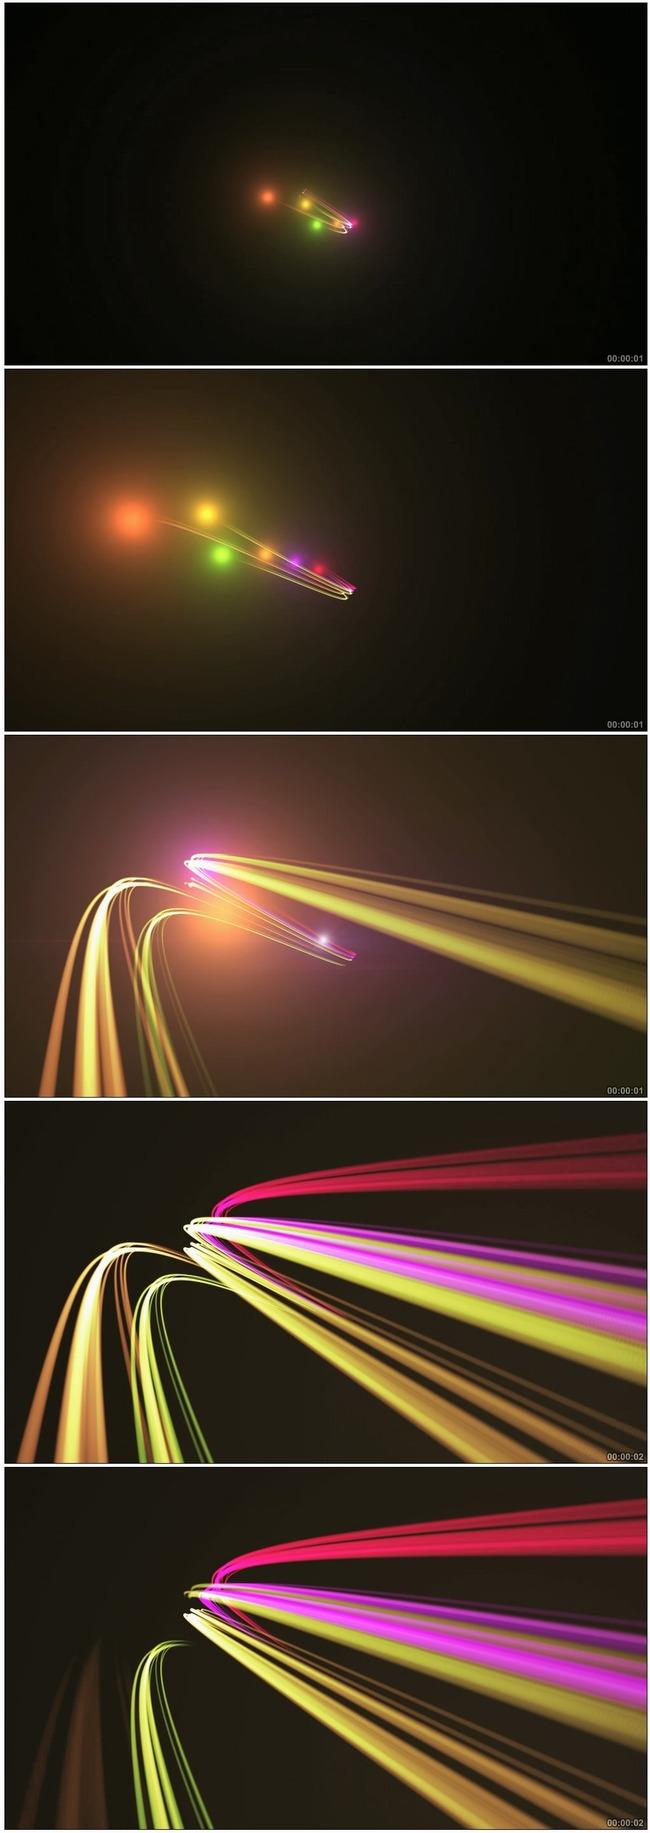 素材 背景 前景 婚庆 后期 光彩 转场 下载 光滑 说明:流动光芒光束流